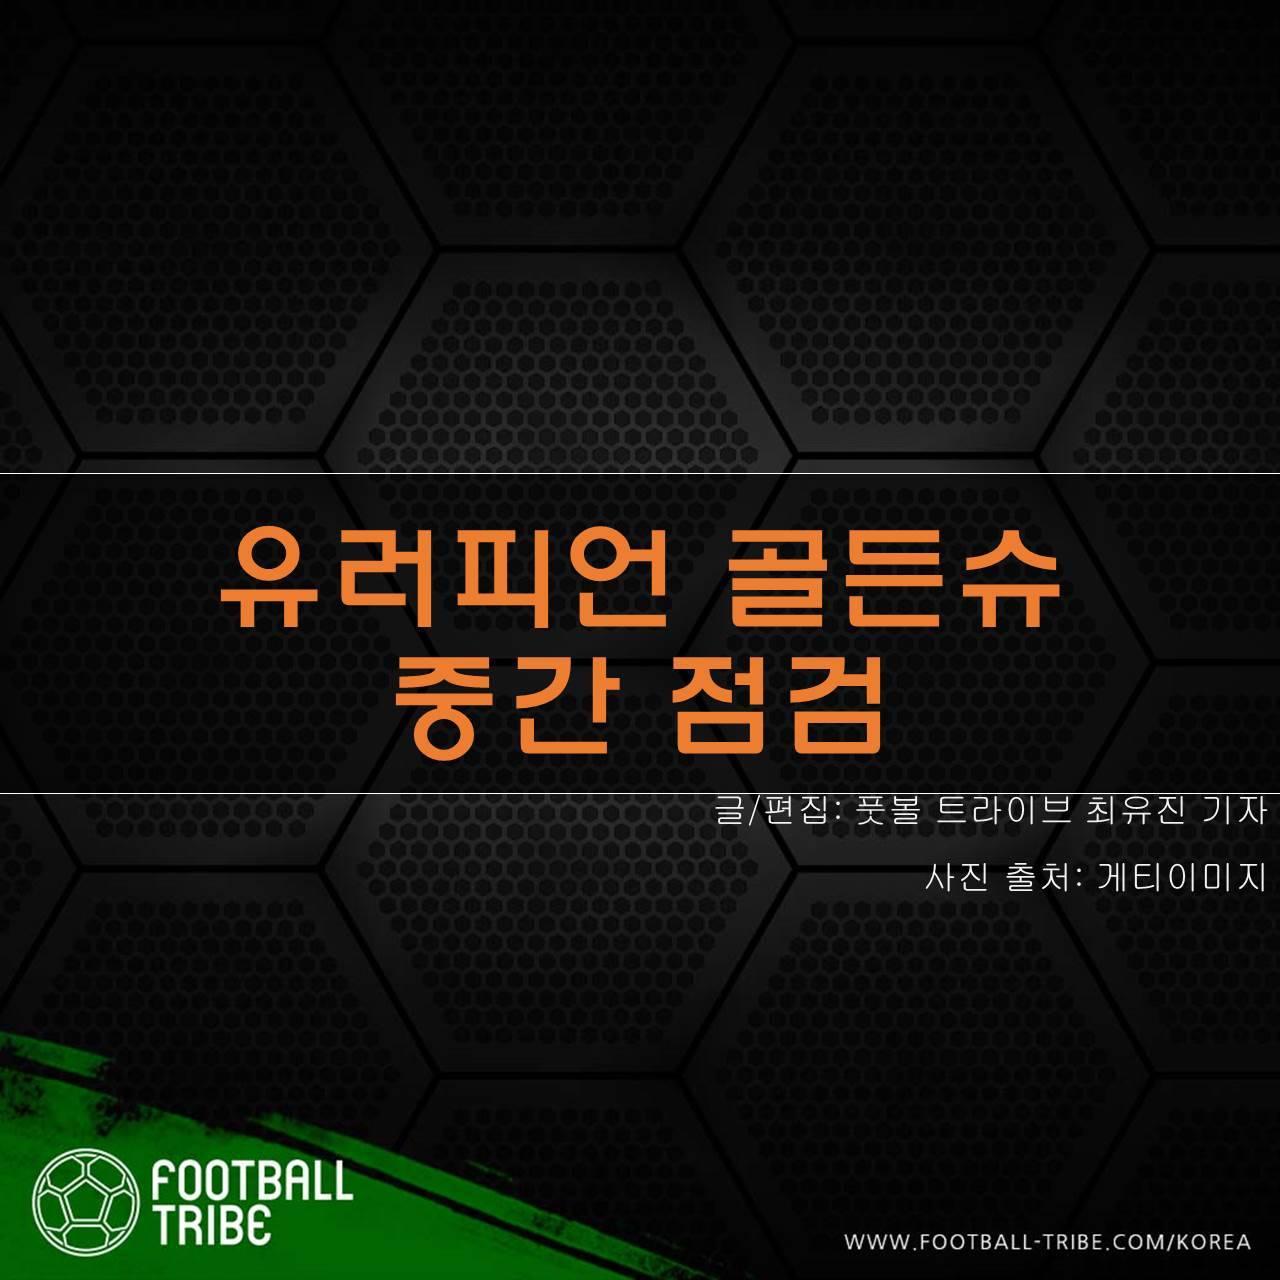 [카드 뉴스] 유러피언 골든슈 중간 점검